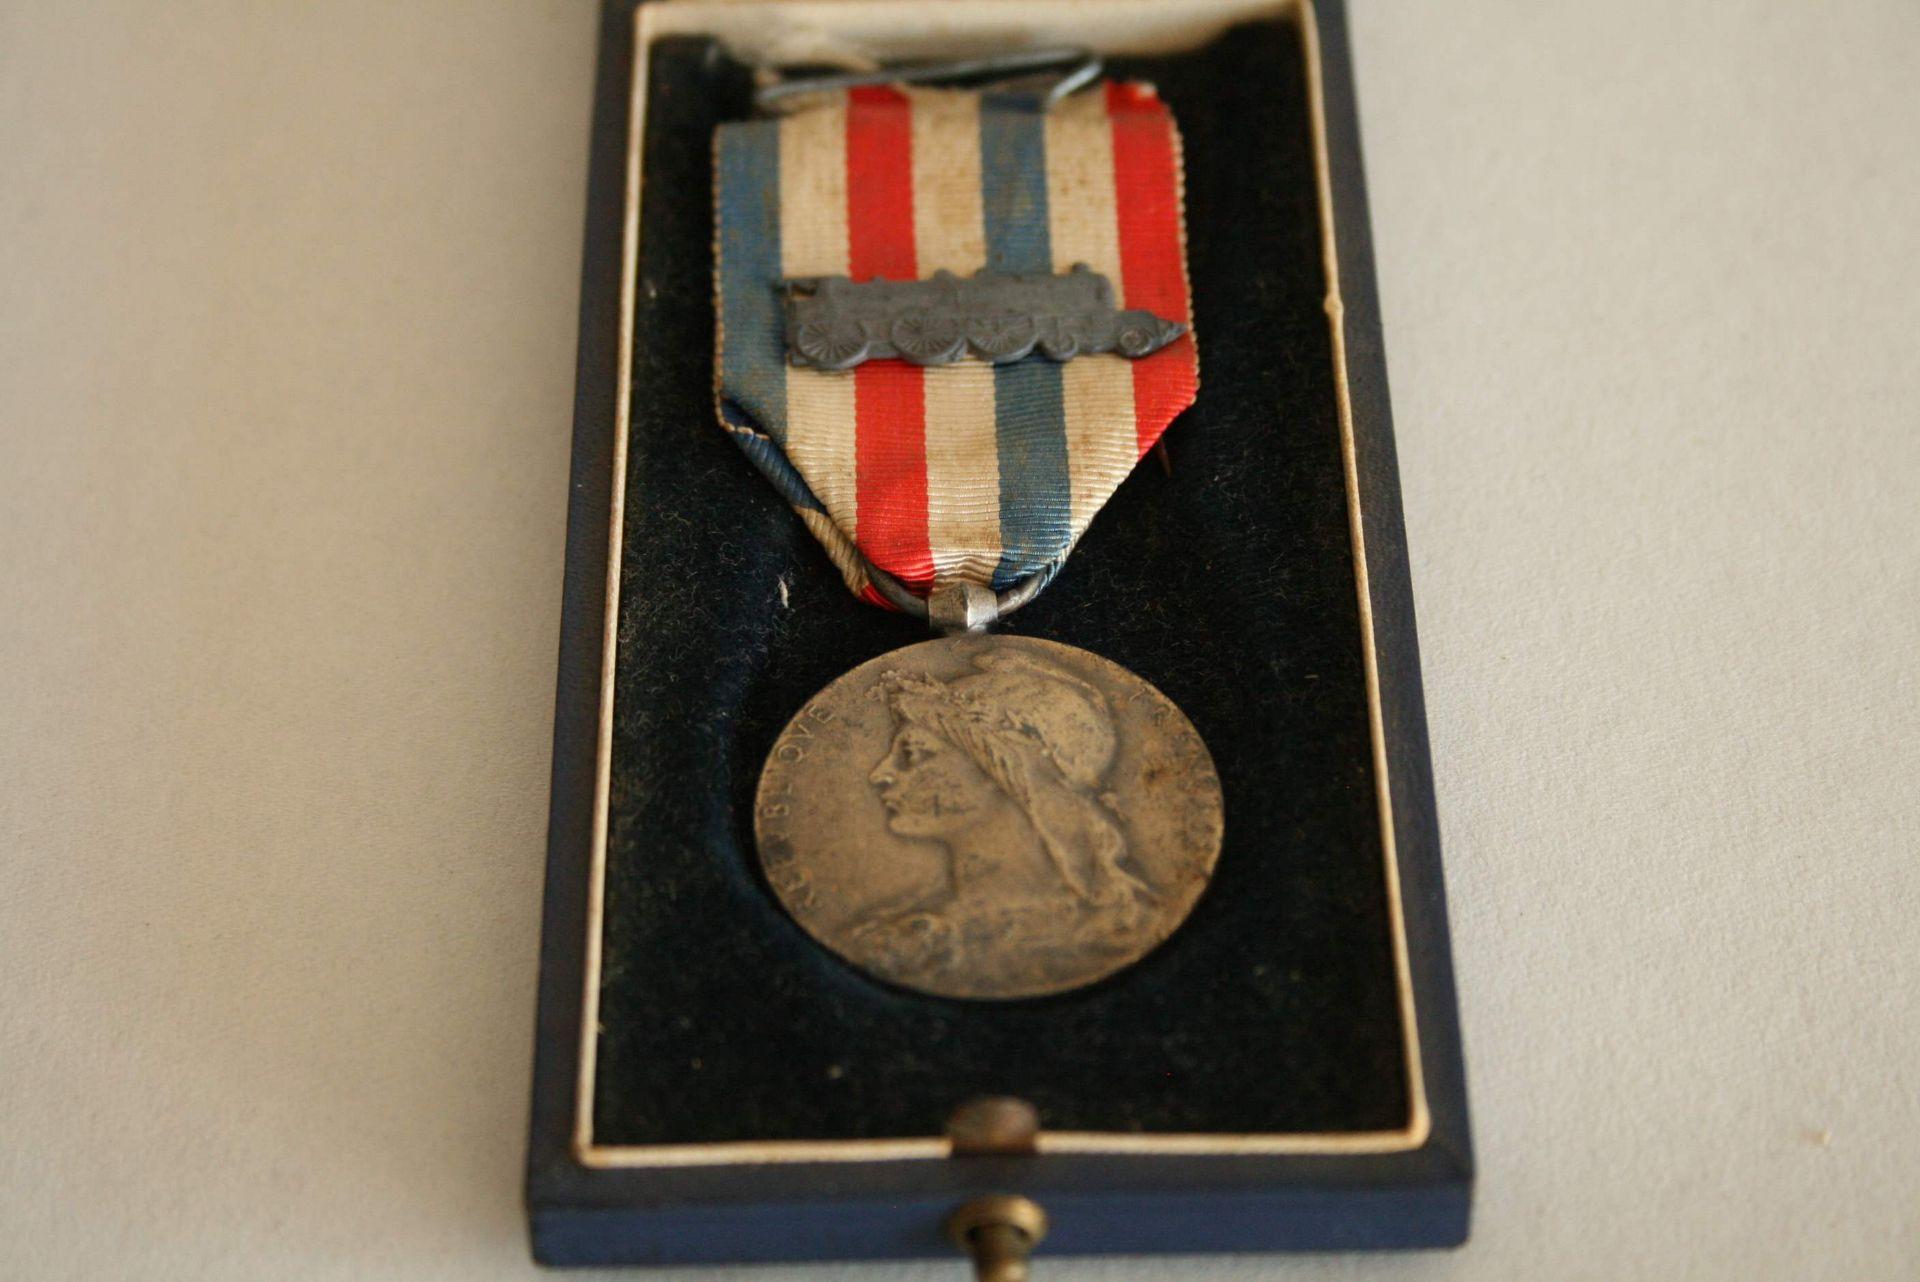 Los 1 - Médaille de bronze du travail pour les Chemins de fer attribuée en 1935, locomotive [...]